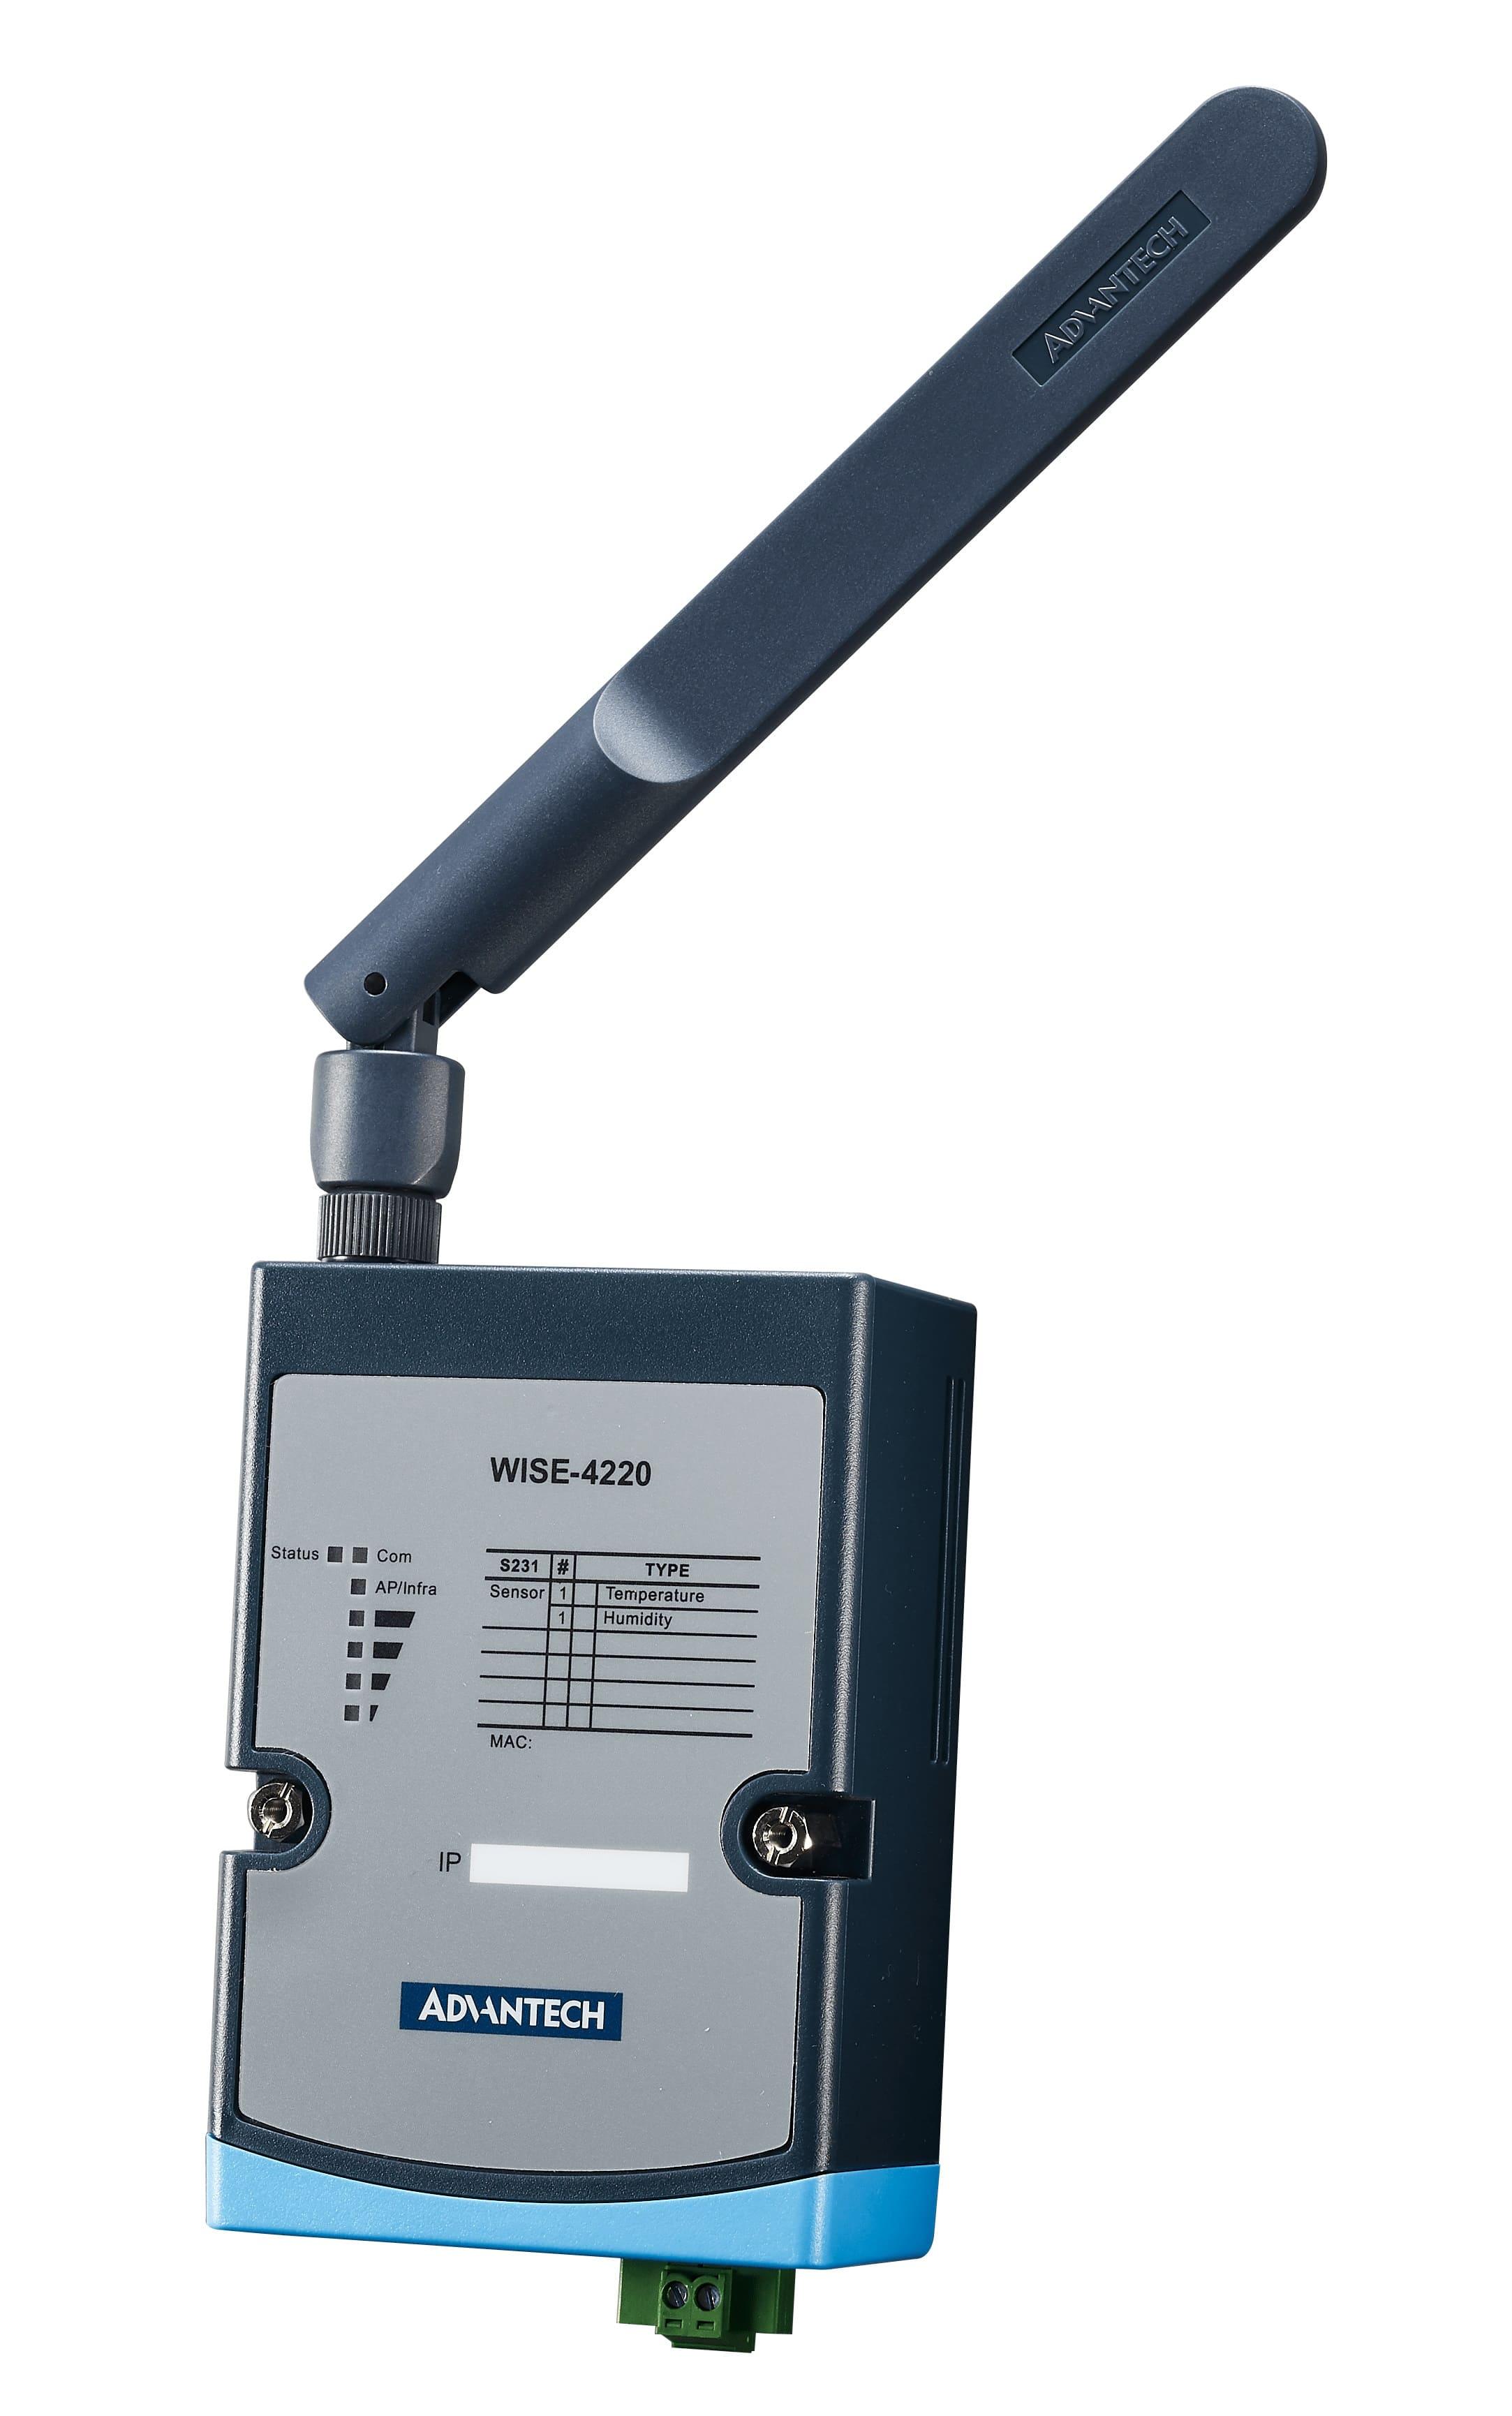 WiFi 2.4GHz Wireless I/O Module